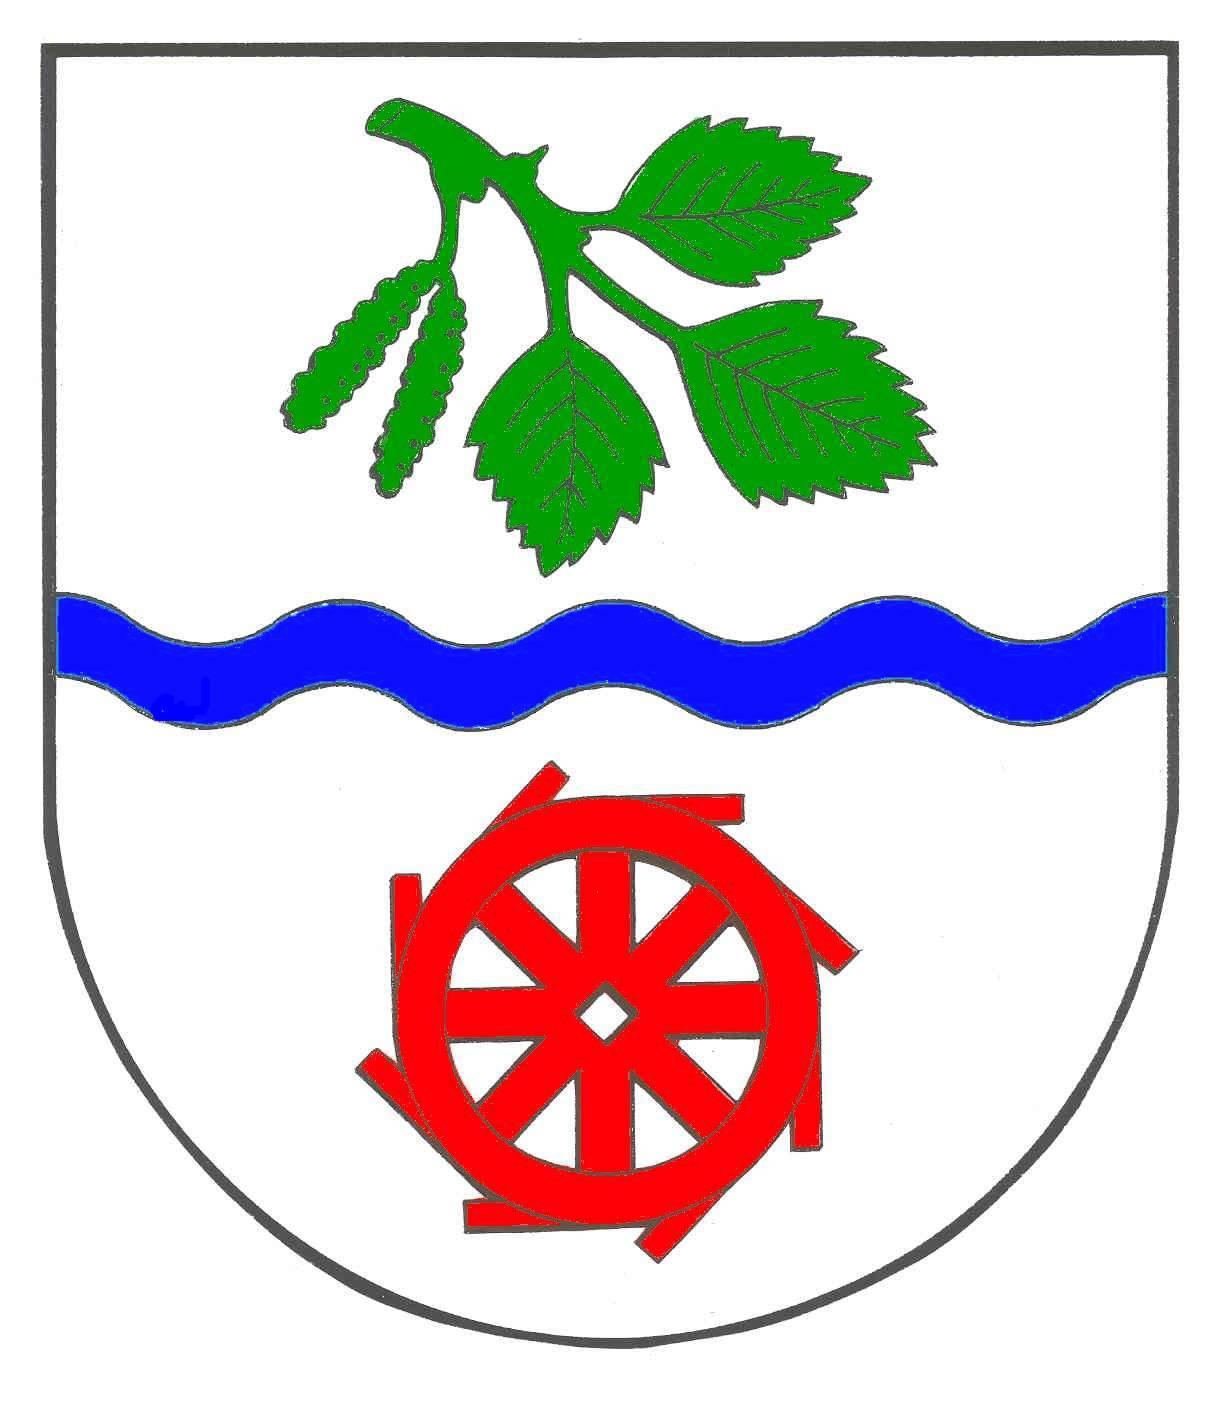 Wappen GemeindeBrickeln, Kreis Dithmarschen